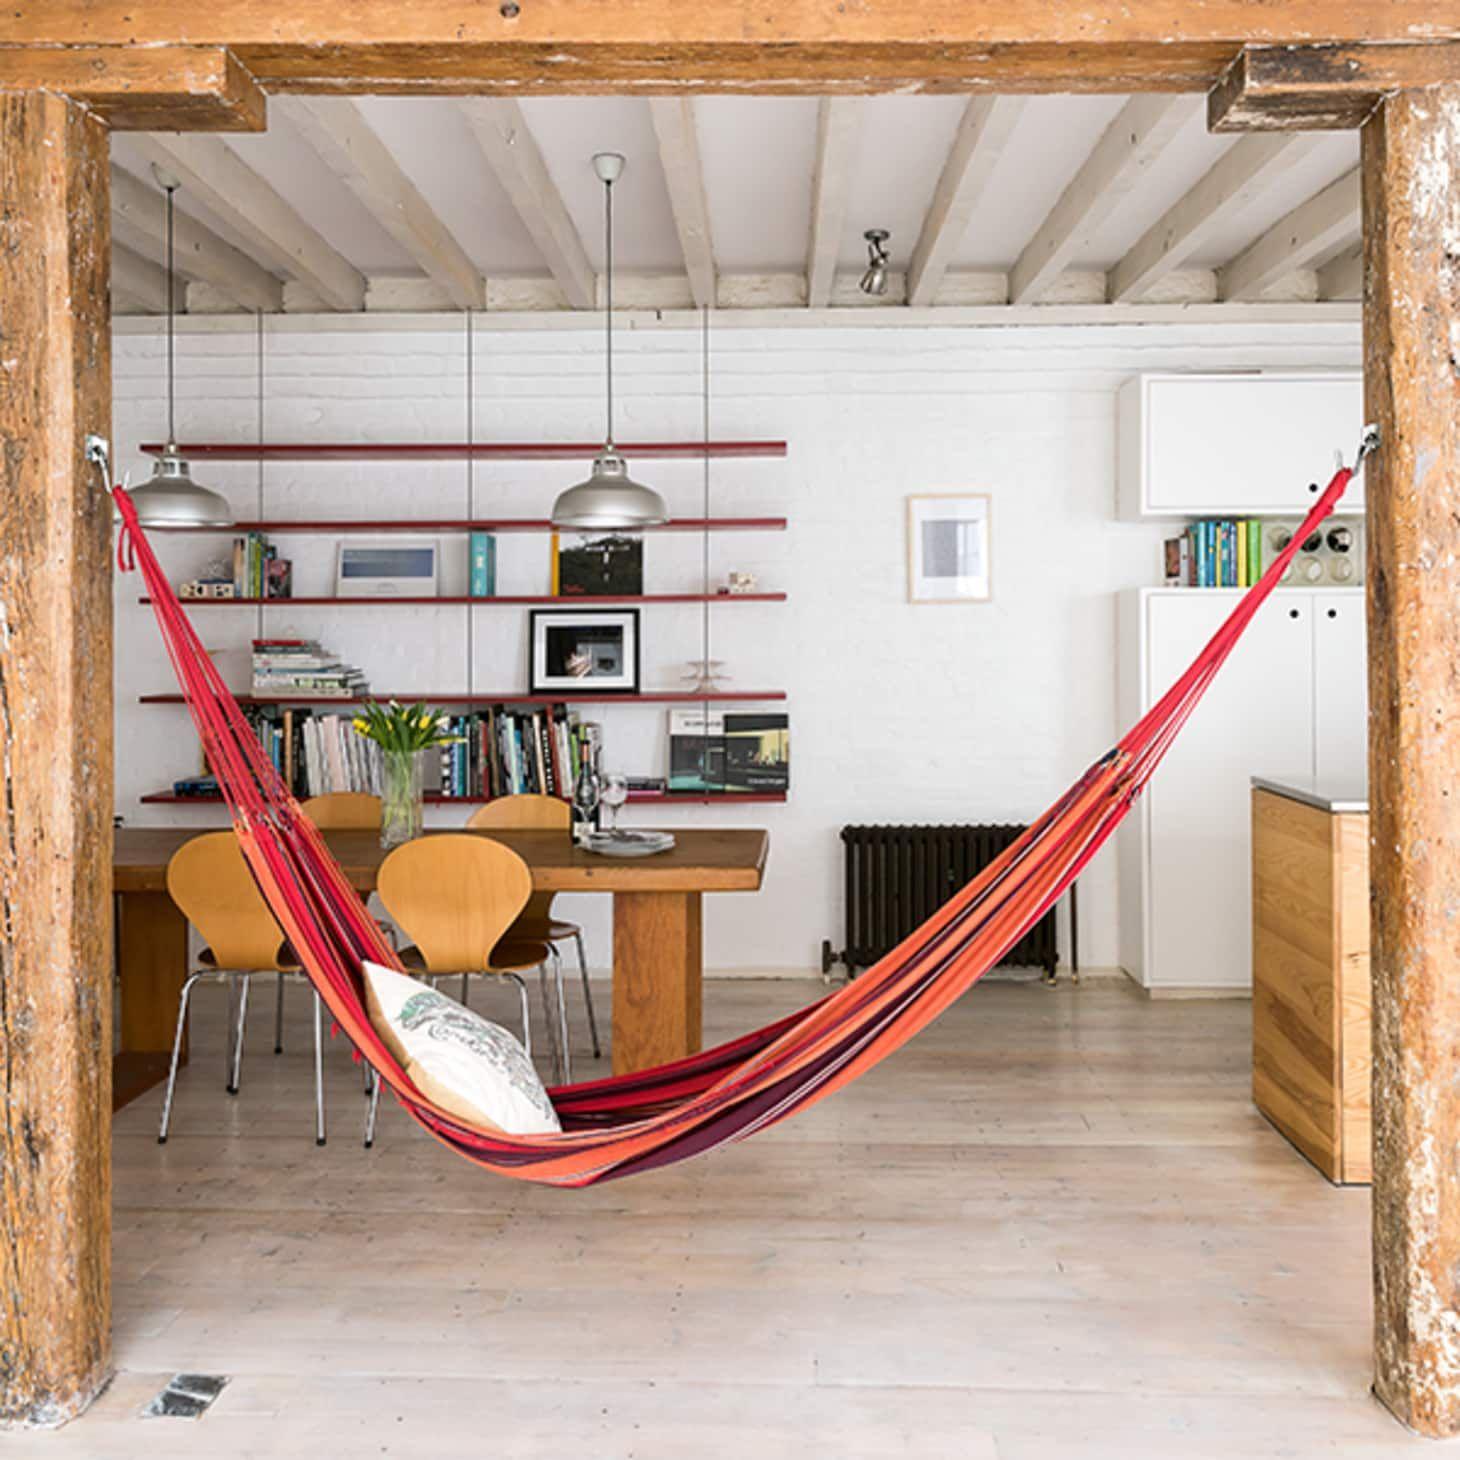 Bring The Outdoors In Living Room Hammocks Hanging Chairs Living Room Hammock Room Hammock Indoor Hammock